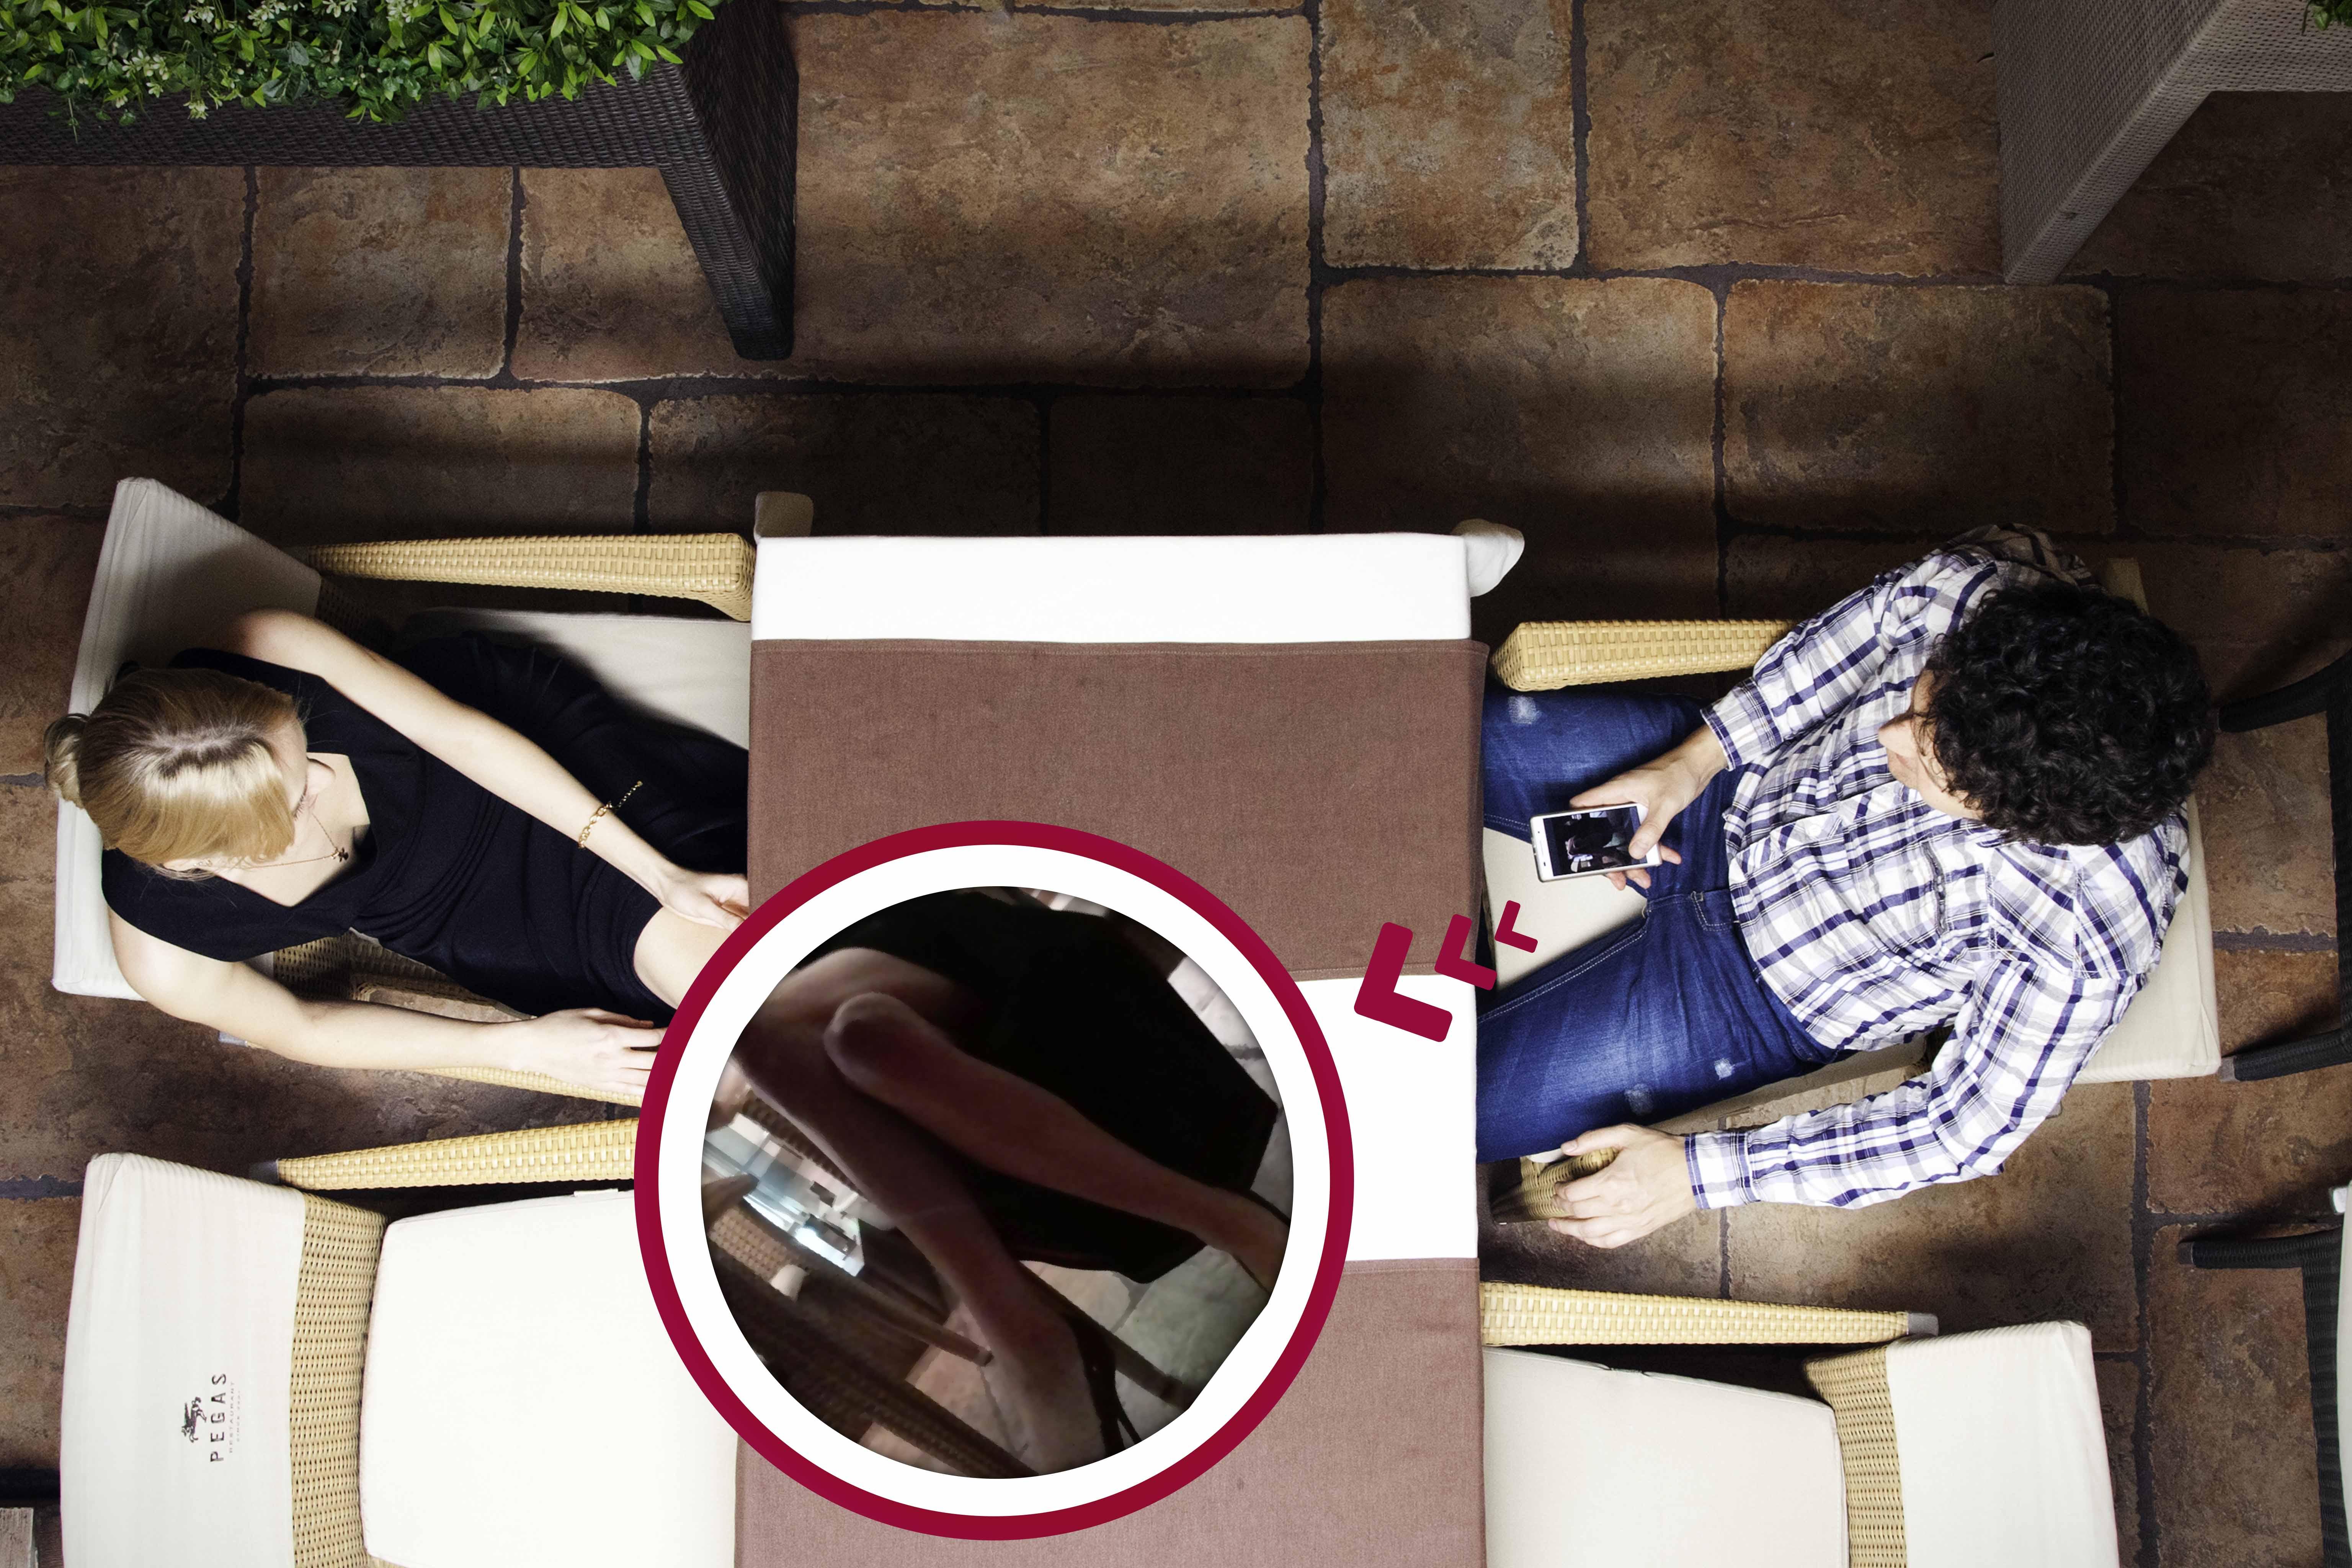 hidden cam panties: